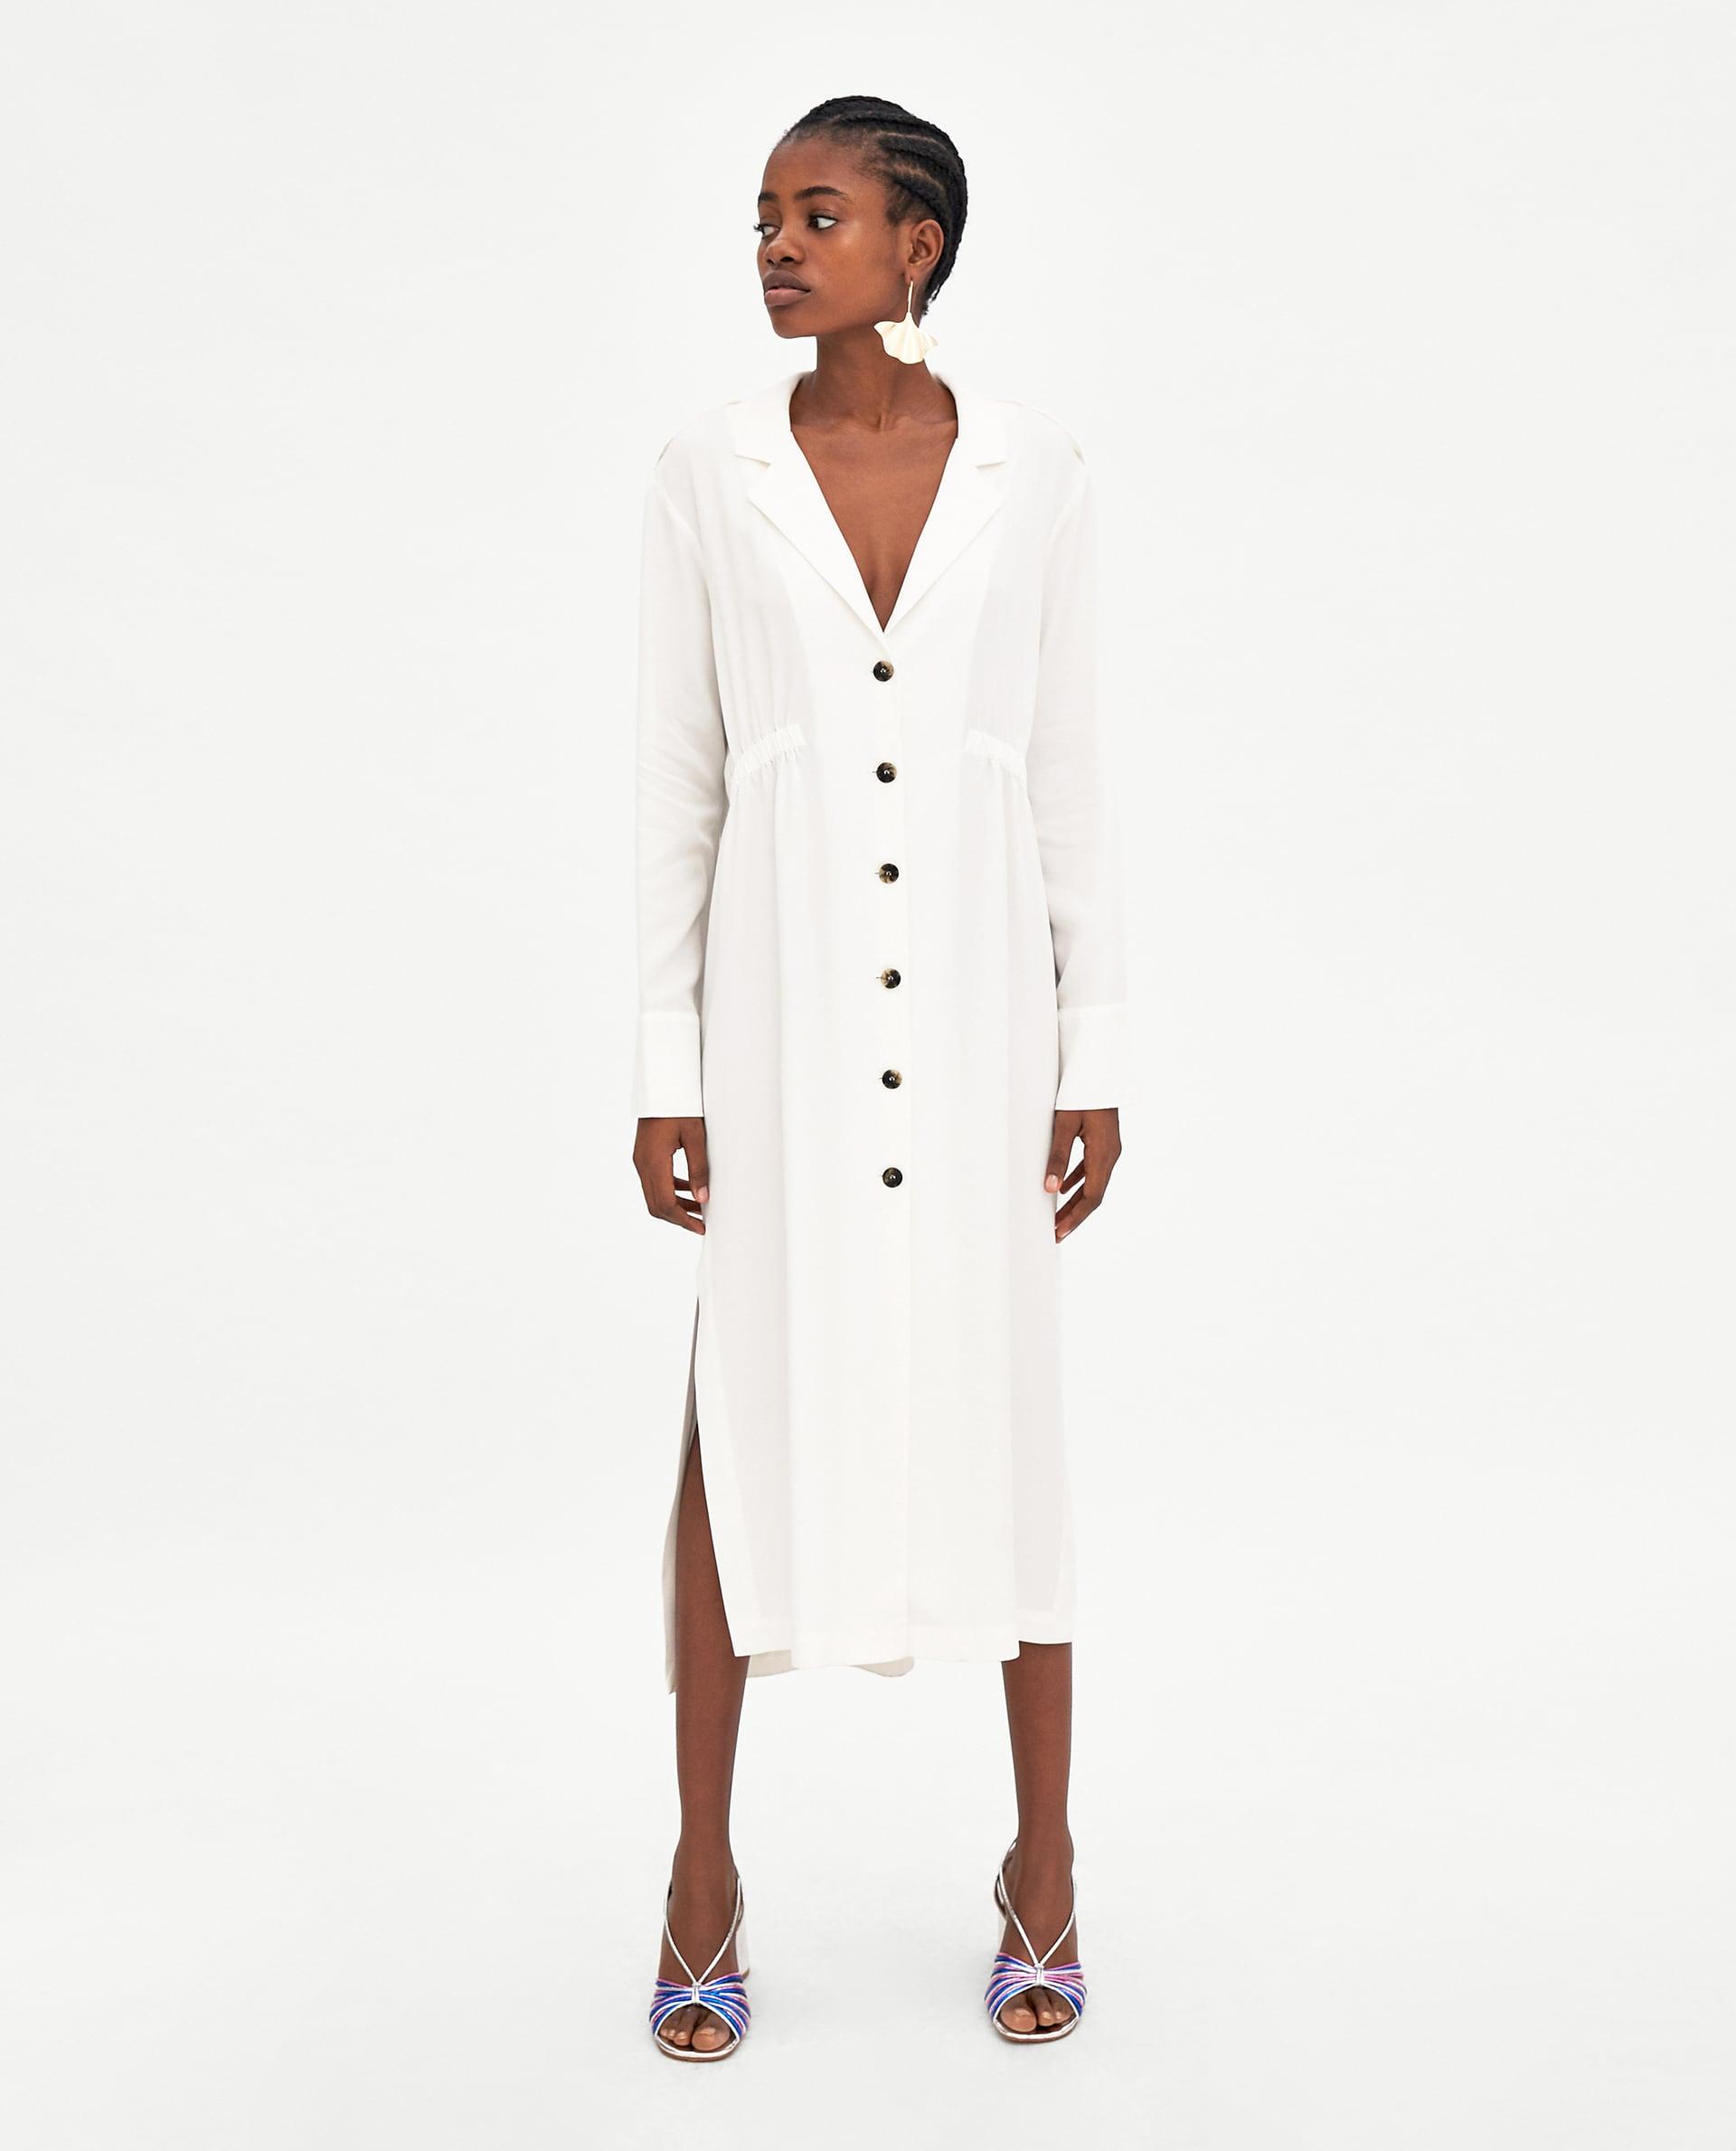 9. kép:  Gombos fehér ruha Zara 9995 Ft